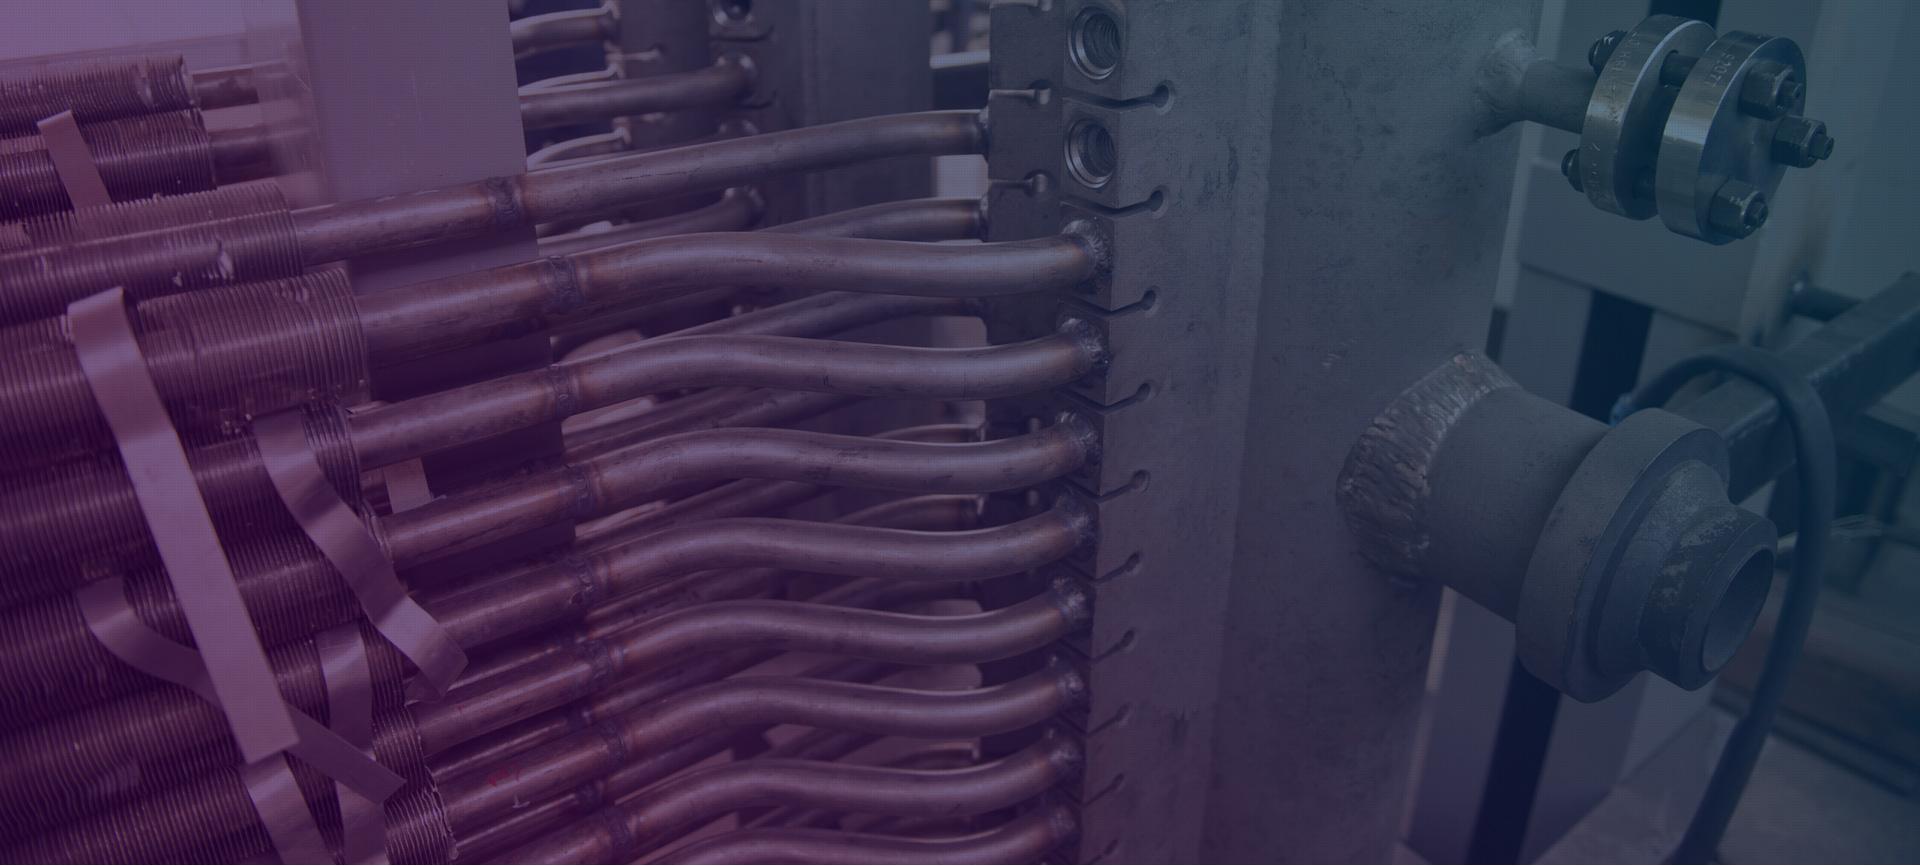 Инновации теплообменники теплообменник водоводяной накопительный бытовой